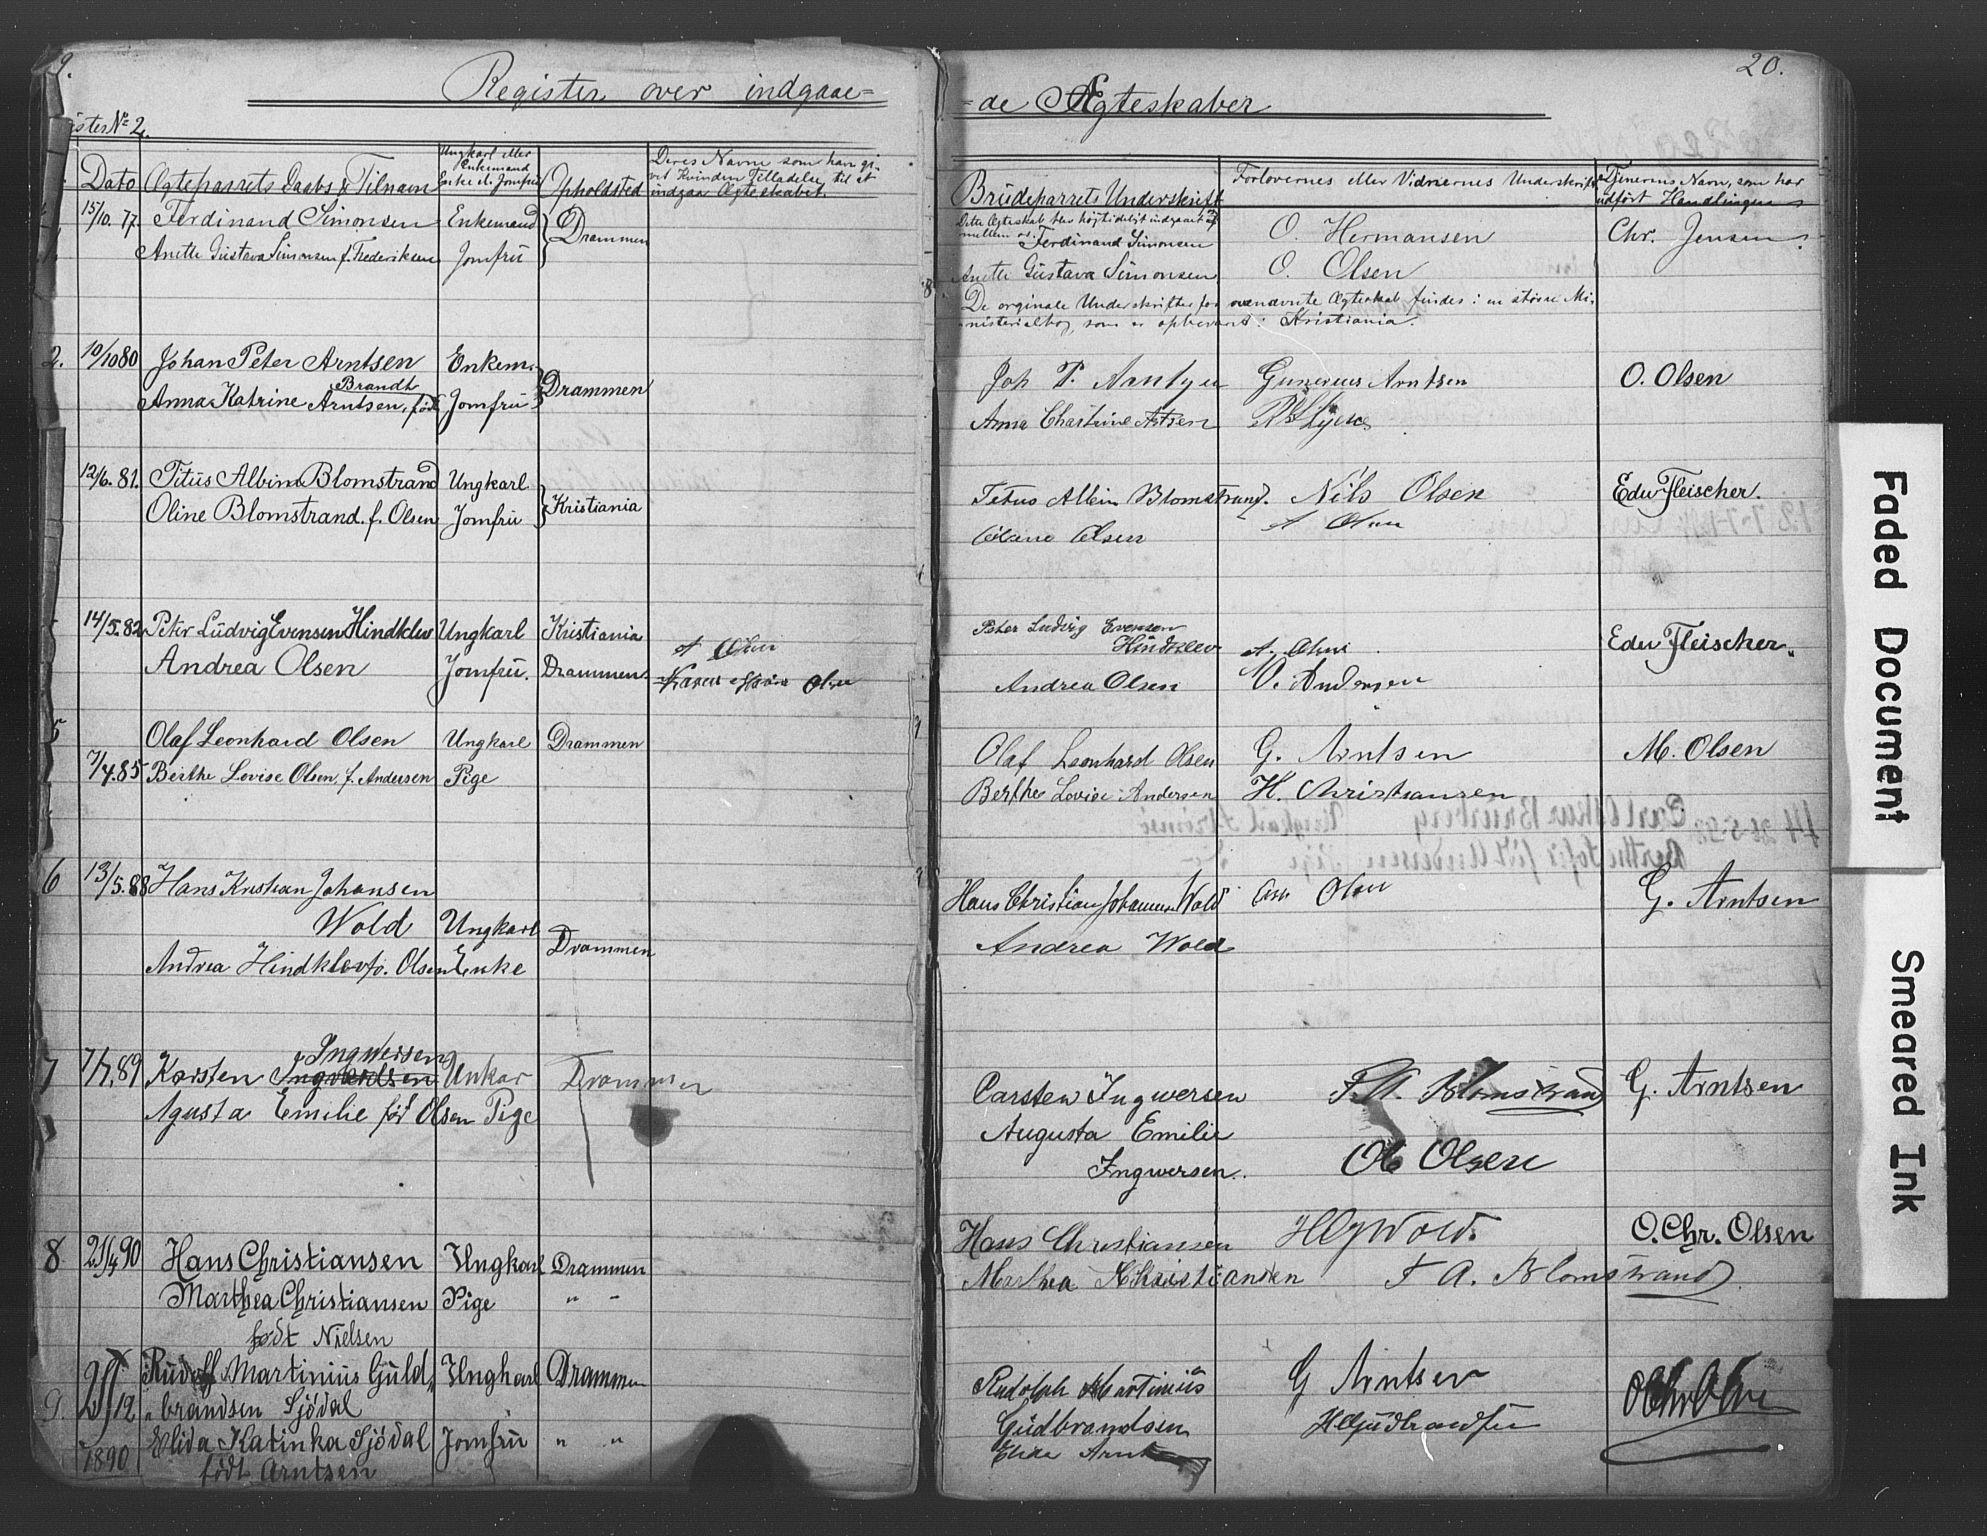 SAKO, Den katolsk-apostoliske menighet i Drammen, H/Ha/L0001: Dissenterprotokoll nr. 1, 1877-1899, s. 19-20